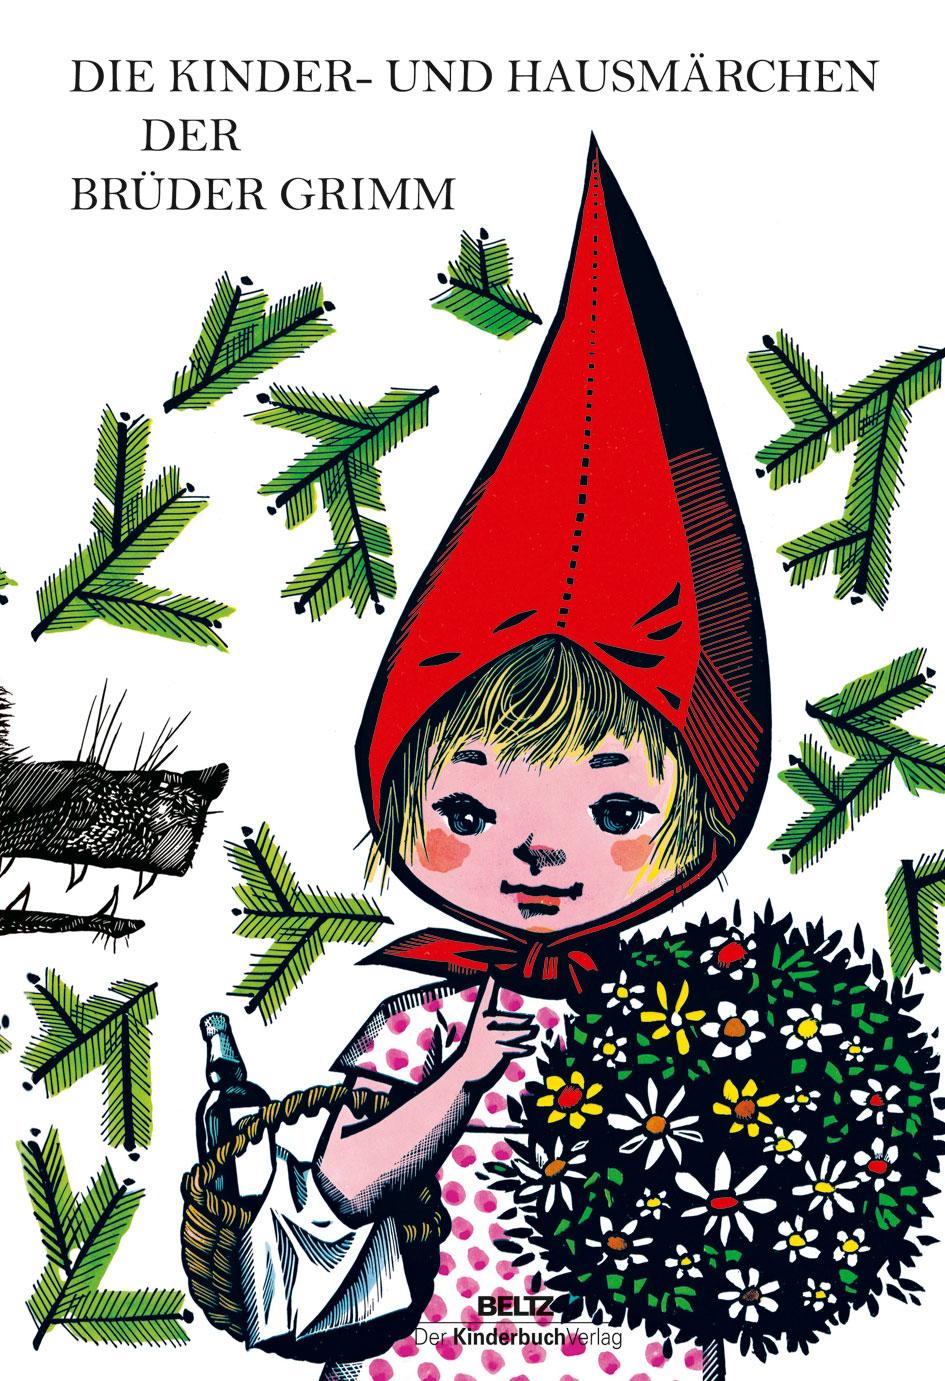 »Die Kinder- und Hausmärchen der Brüder Grimm« - BELTZ